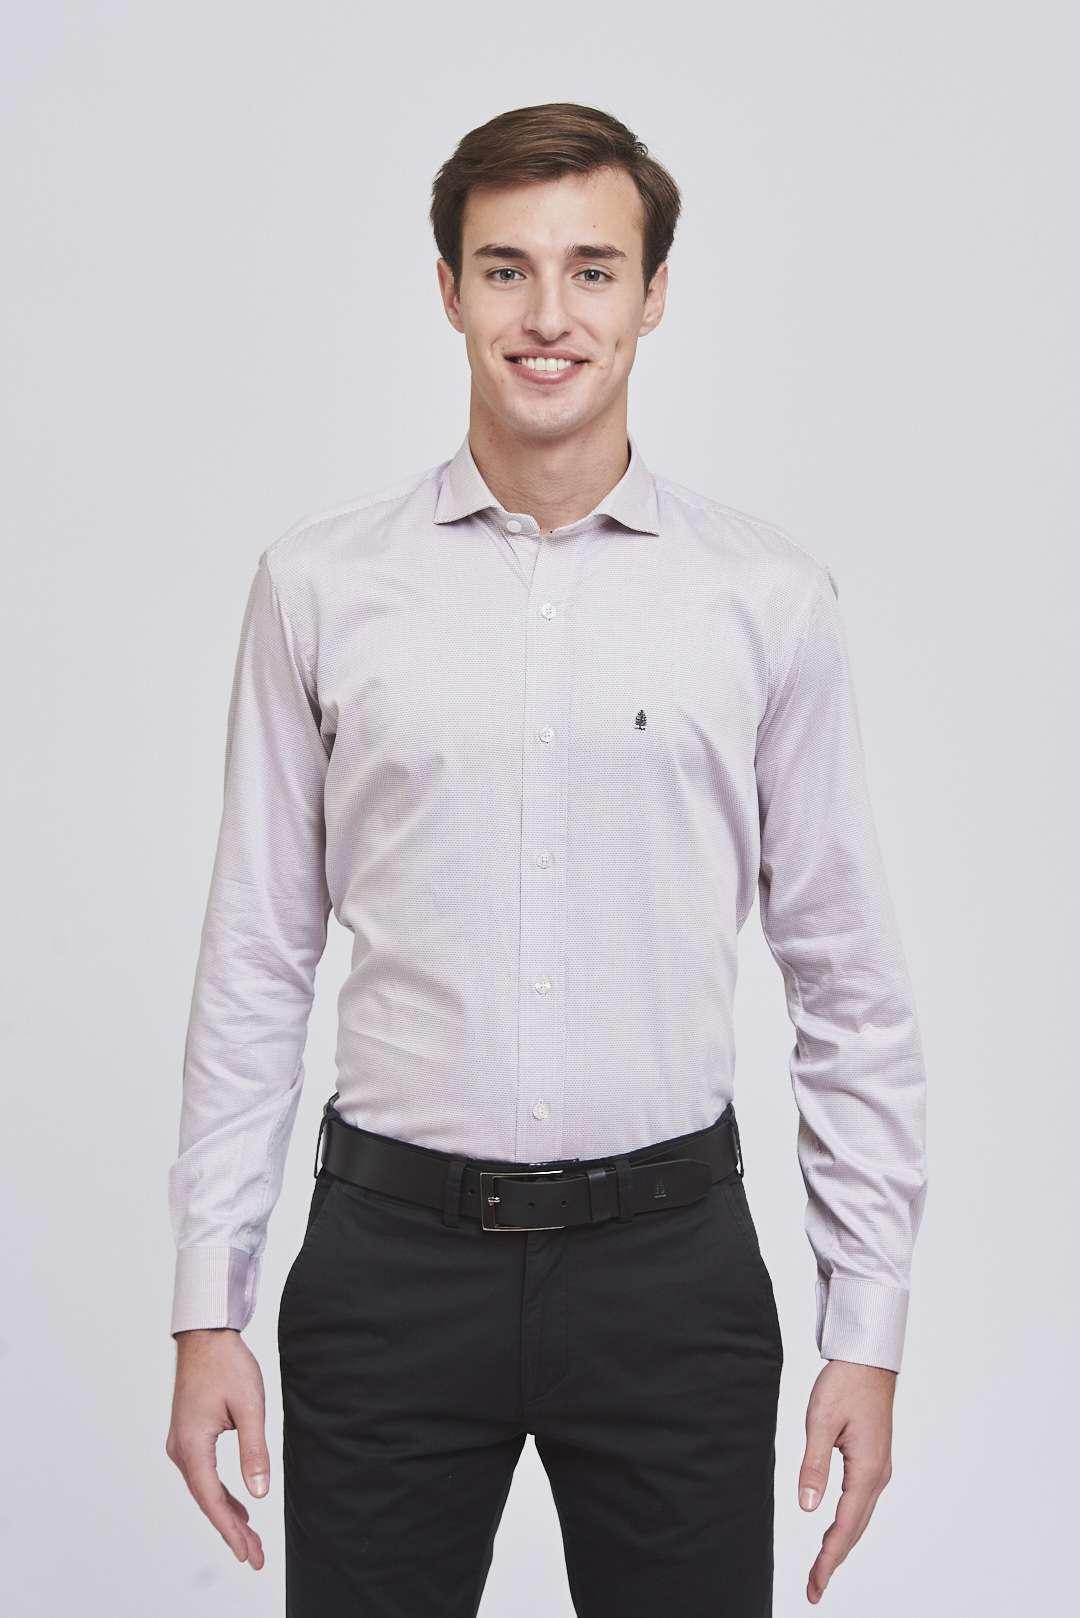 Camisa slim fit mangas largas fantasía de algodón